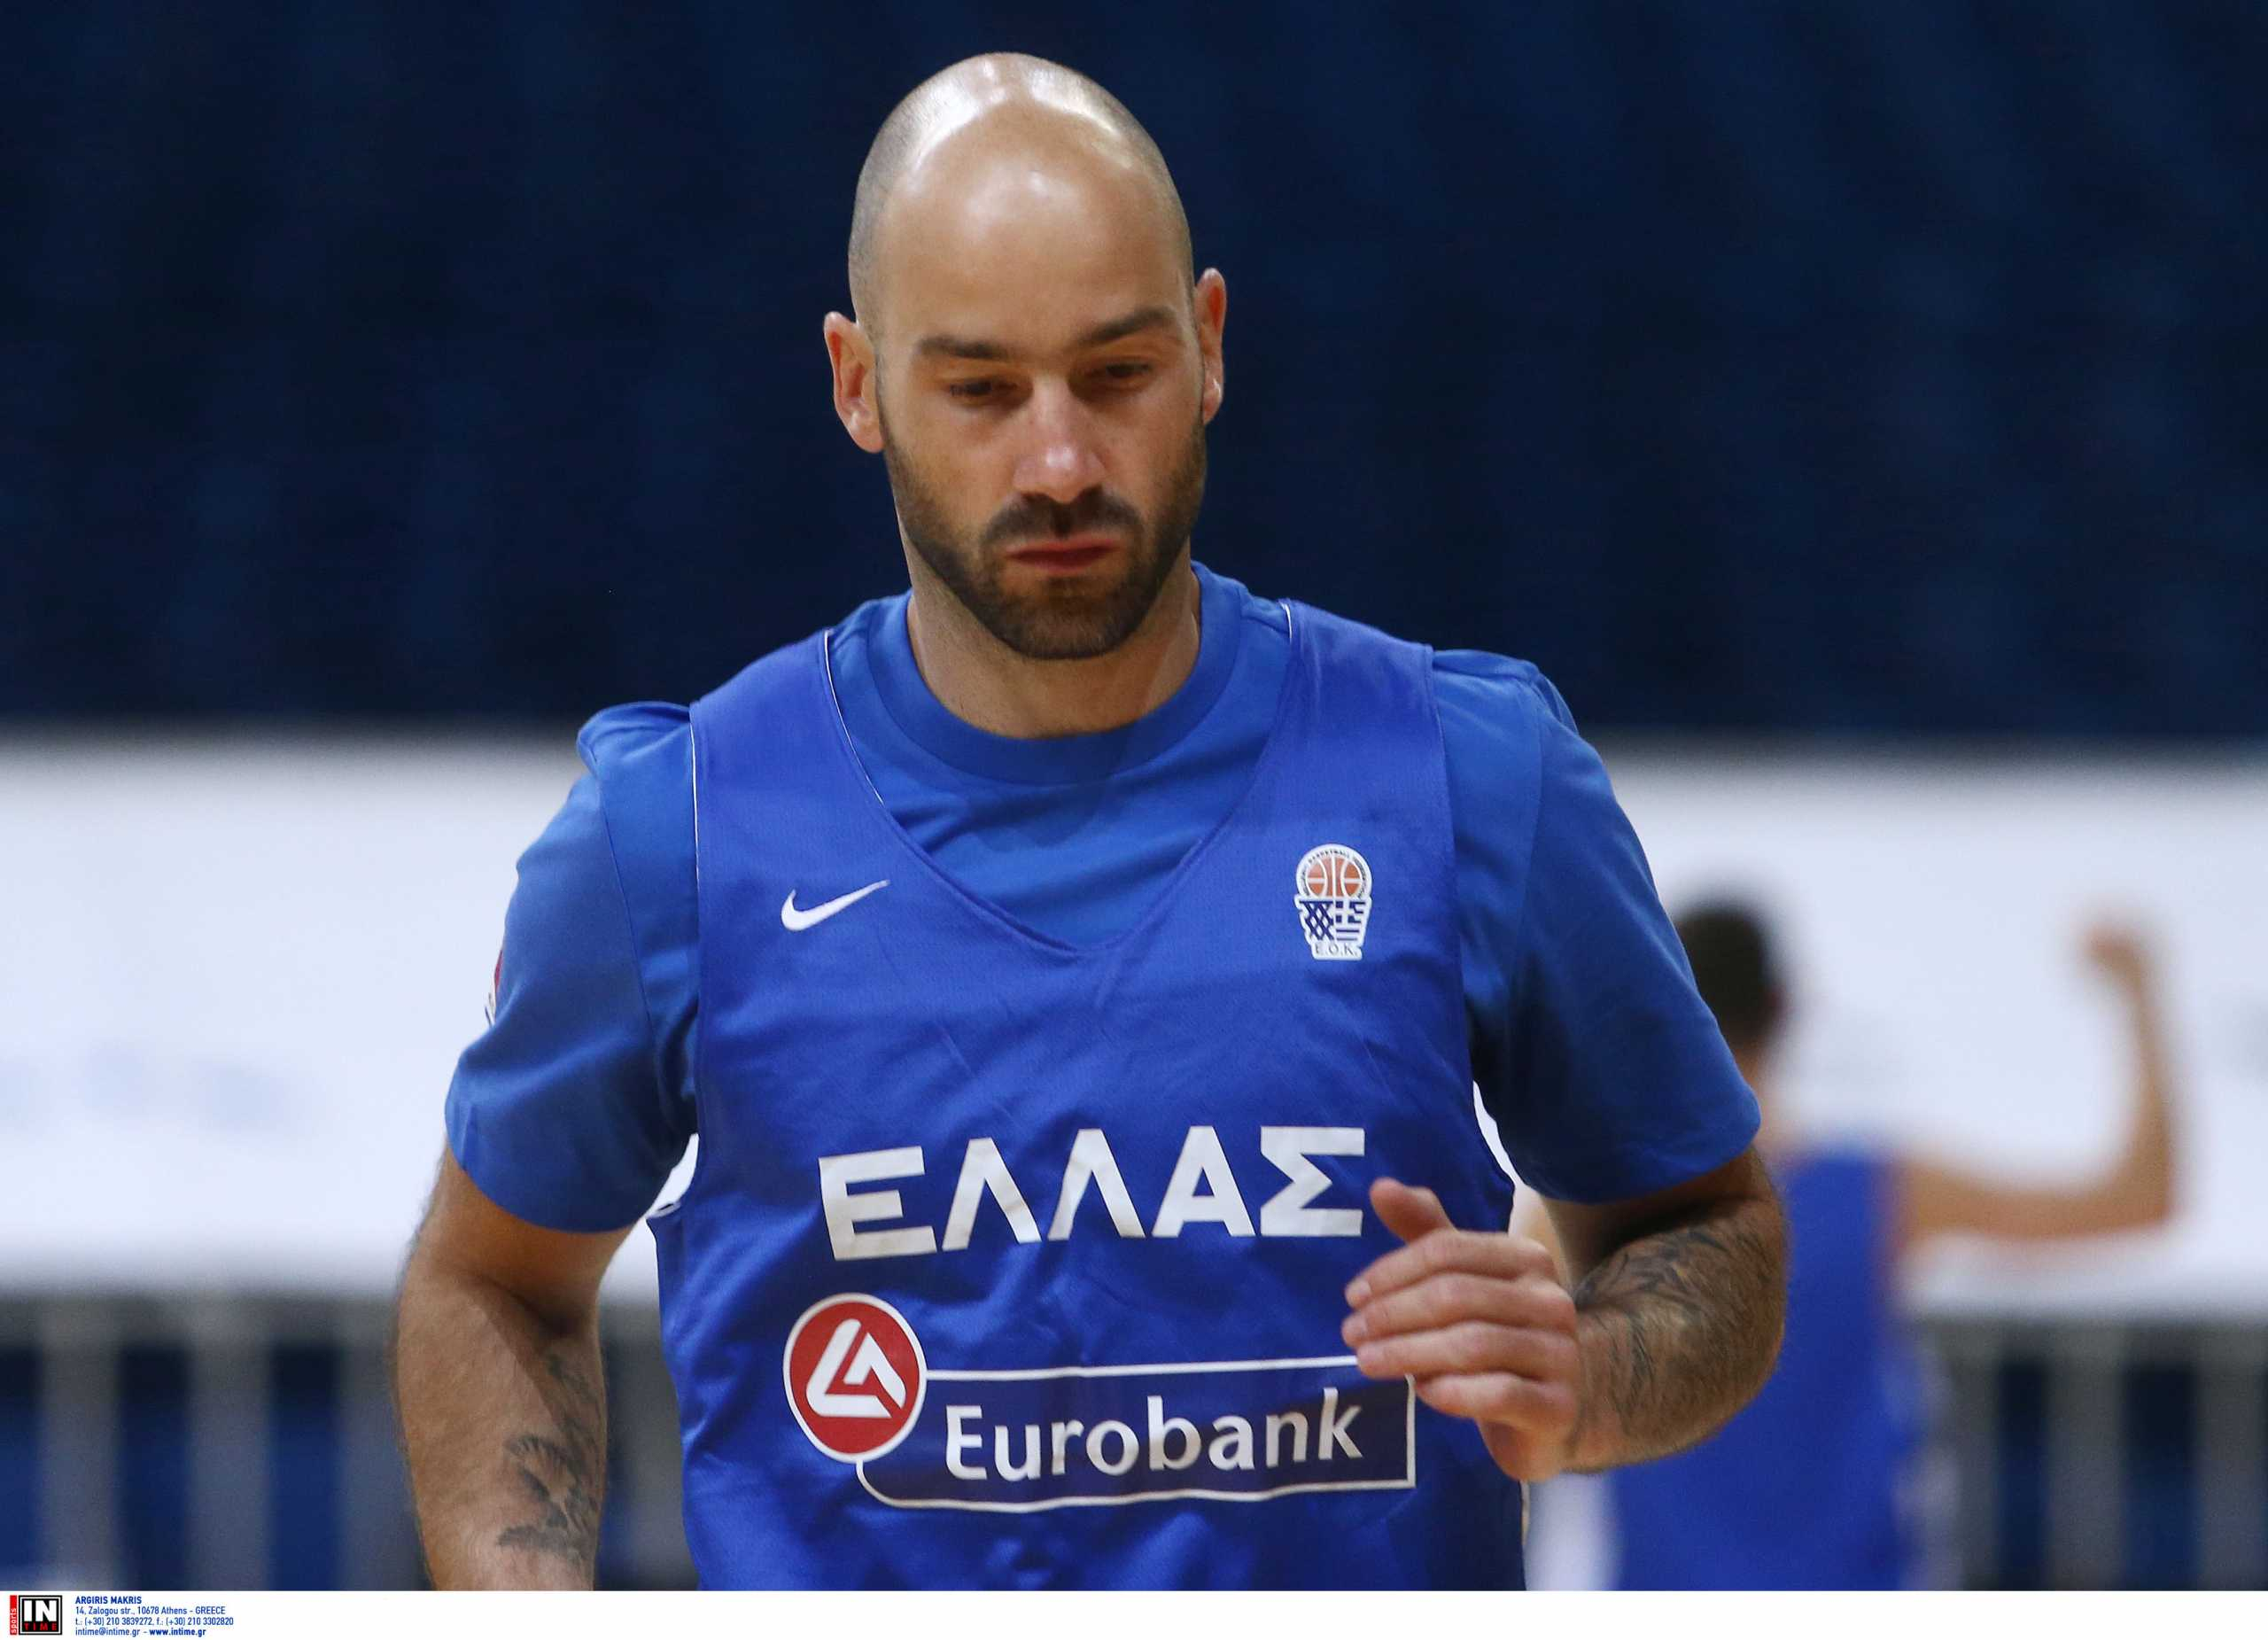 Εθνική Ελλάδας: Ο Λιόλιος πρότεινε στον Σπανούλη τη θέση του προπονητή